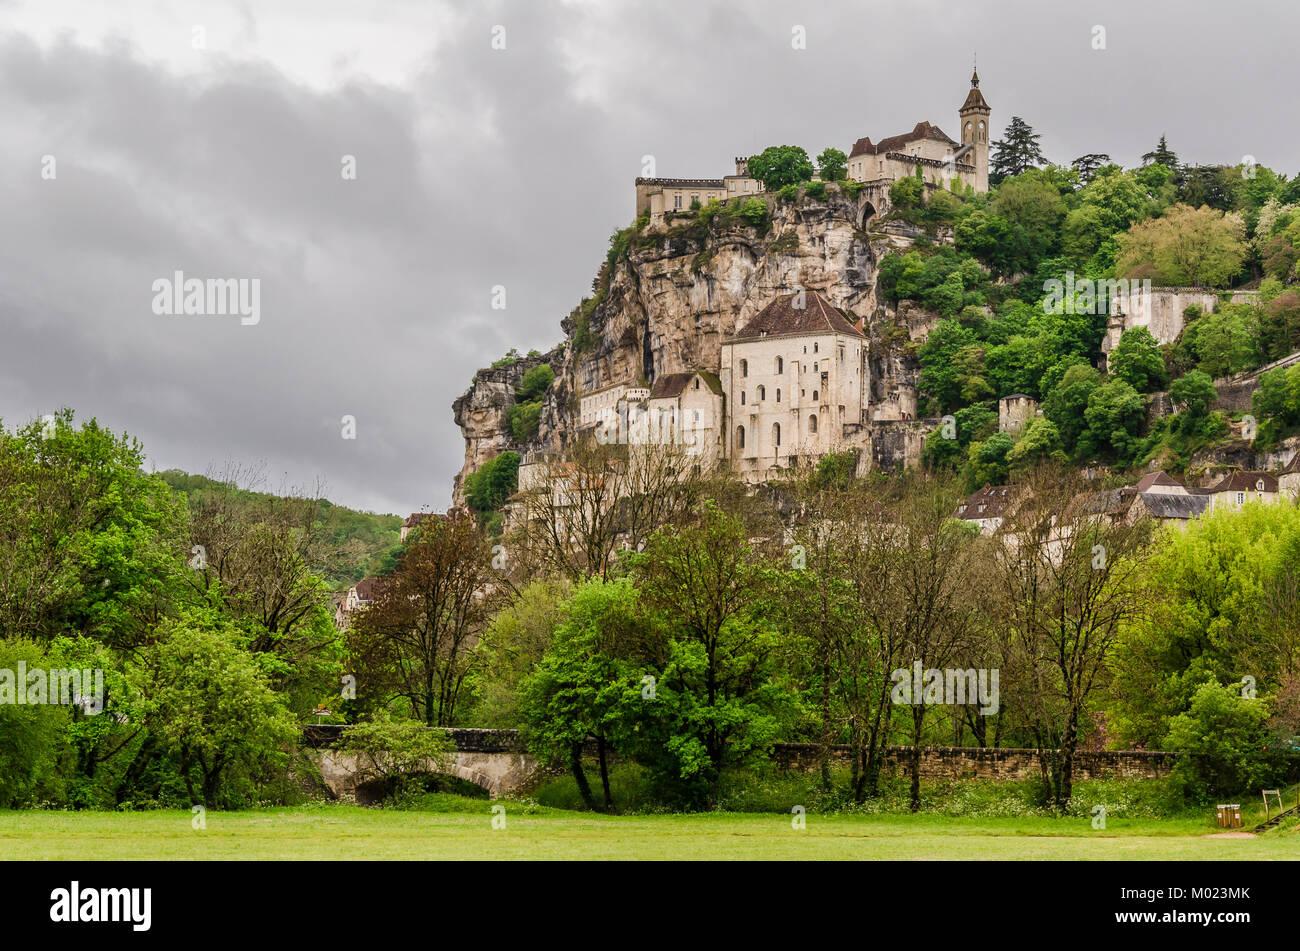 Blick auf das mittelalterliche Dorf von Rocamadour im Midi Pyrenäen Region. Es ist auf einem kalkhaltigen Berg Stockbild